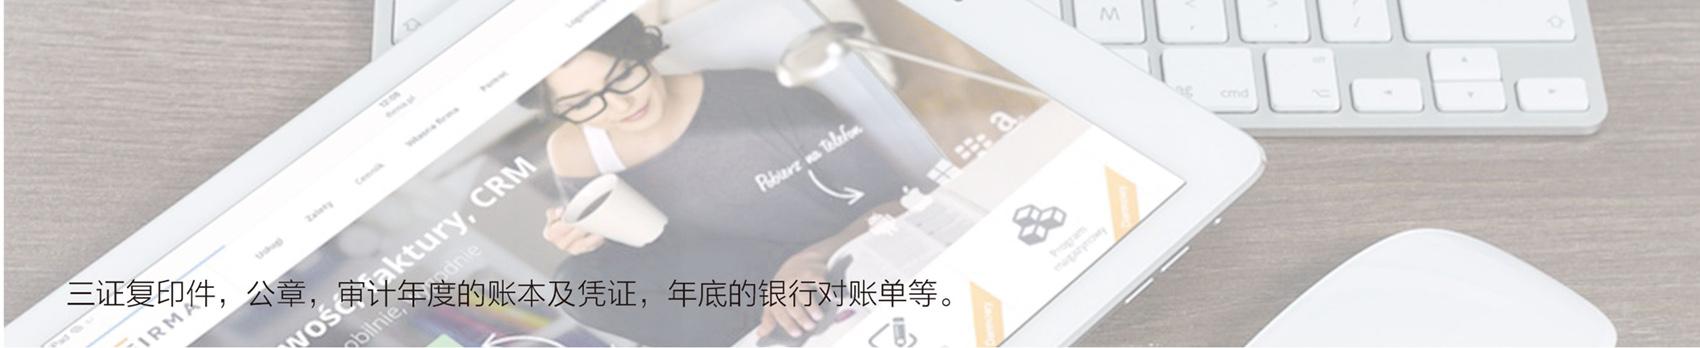 配合财务审计_08.jpg